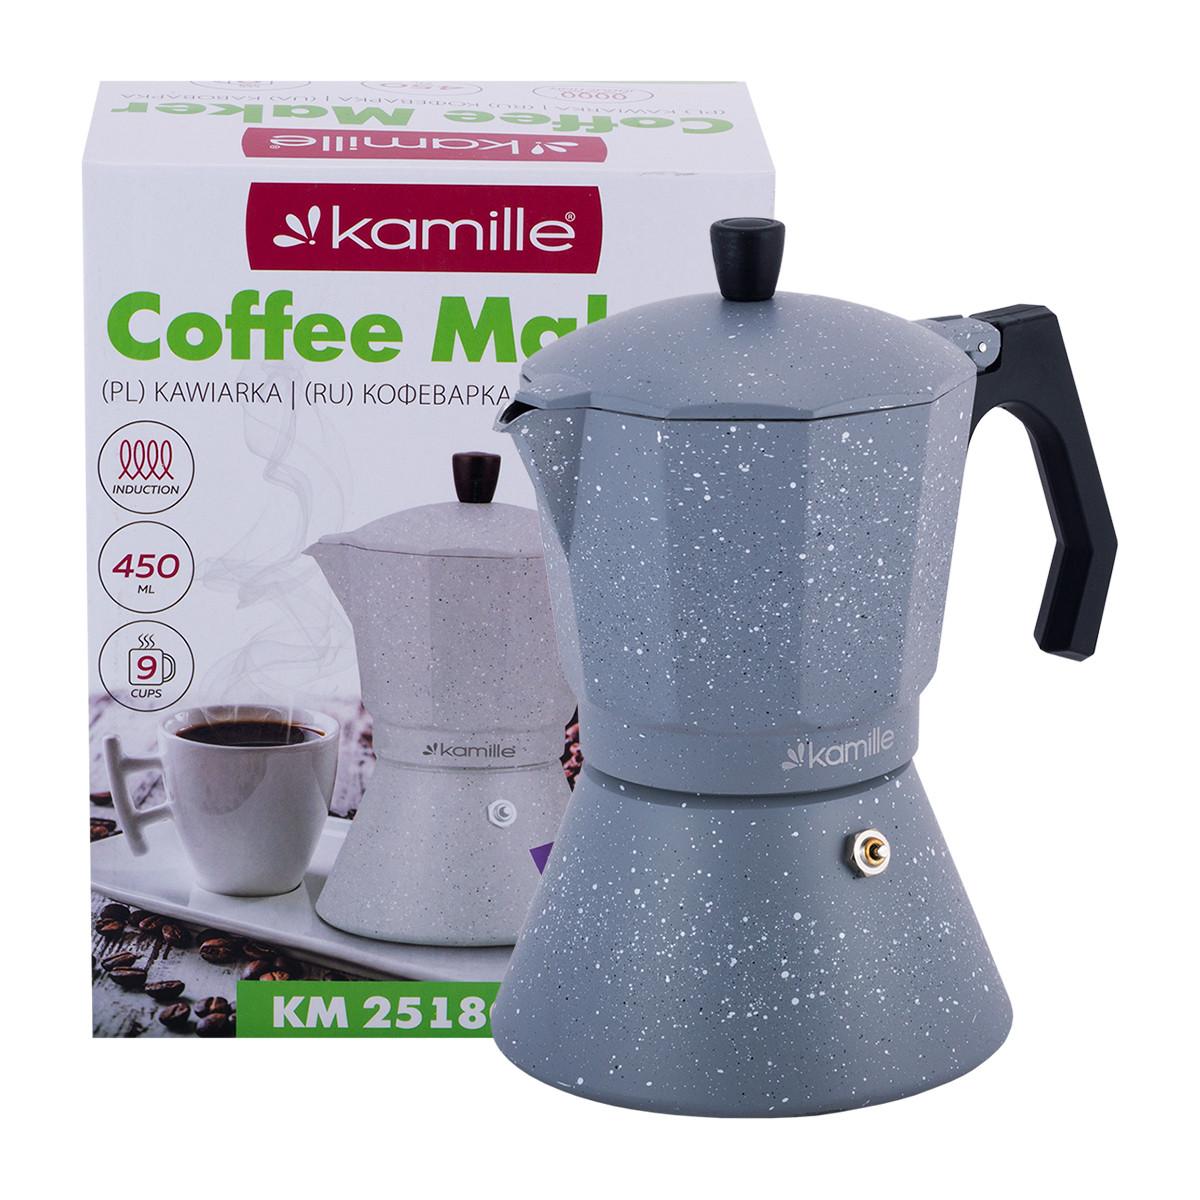 Кофеварка Kamille гейзерная 450мл (9 порций) из алюминия с широким индукционным дном KM-2518GR